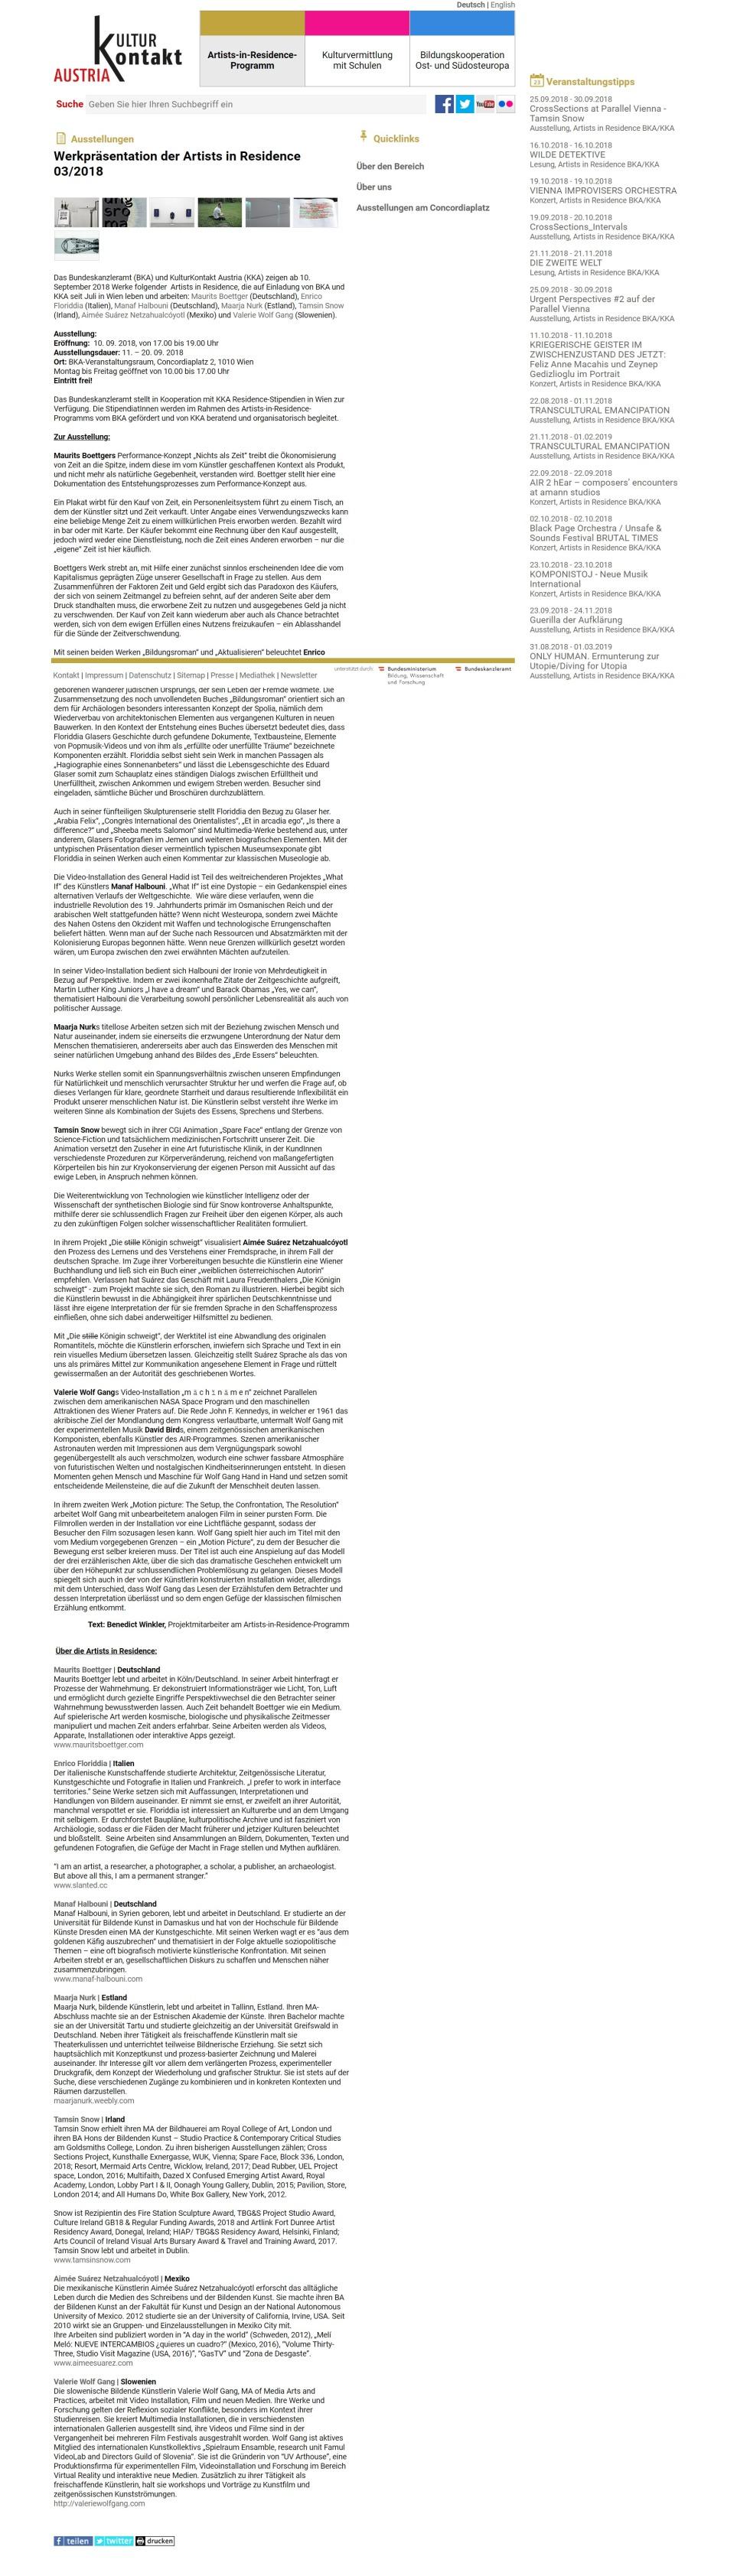 screencapture-kulturkontakt-or-at-html-D-wp-asp-2018-10-02-12_42_03.jpg